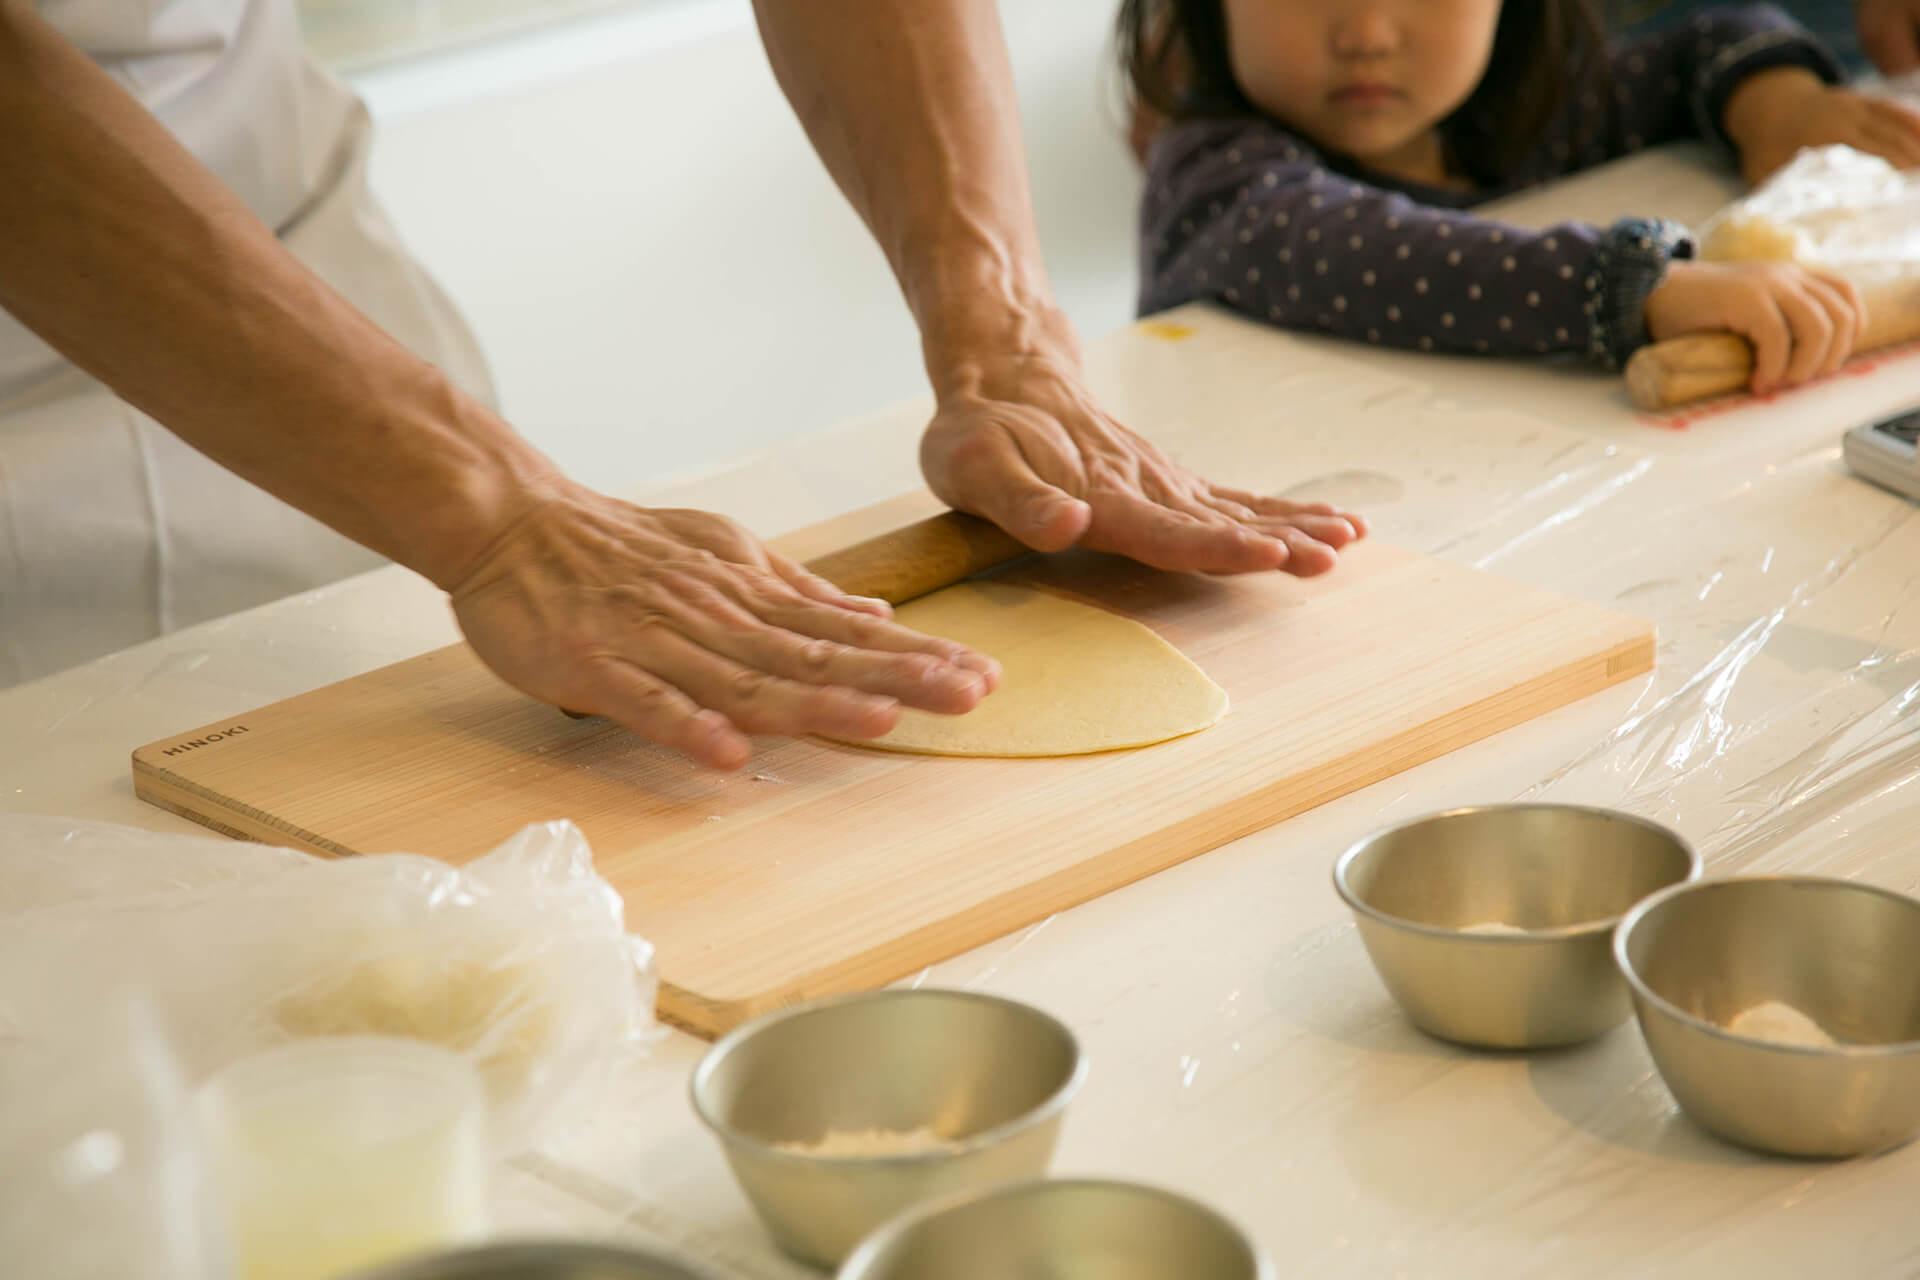 世田谷パン祭り2019パン製作風景